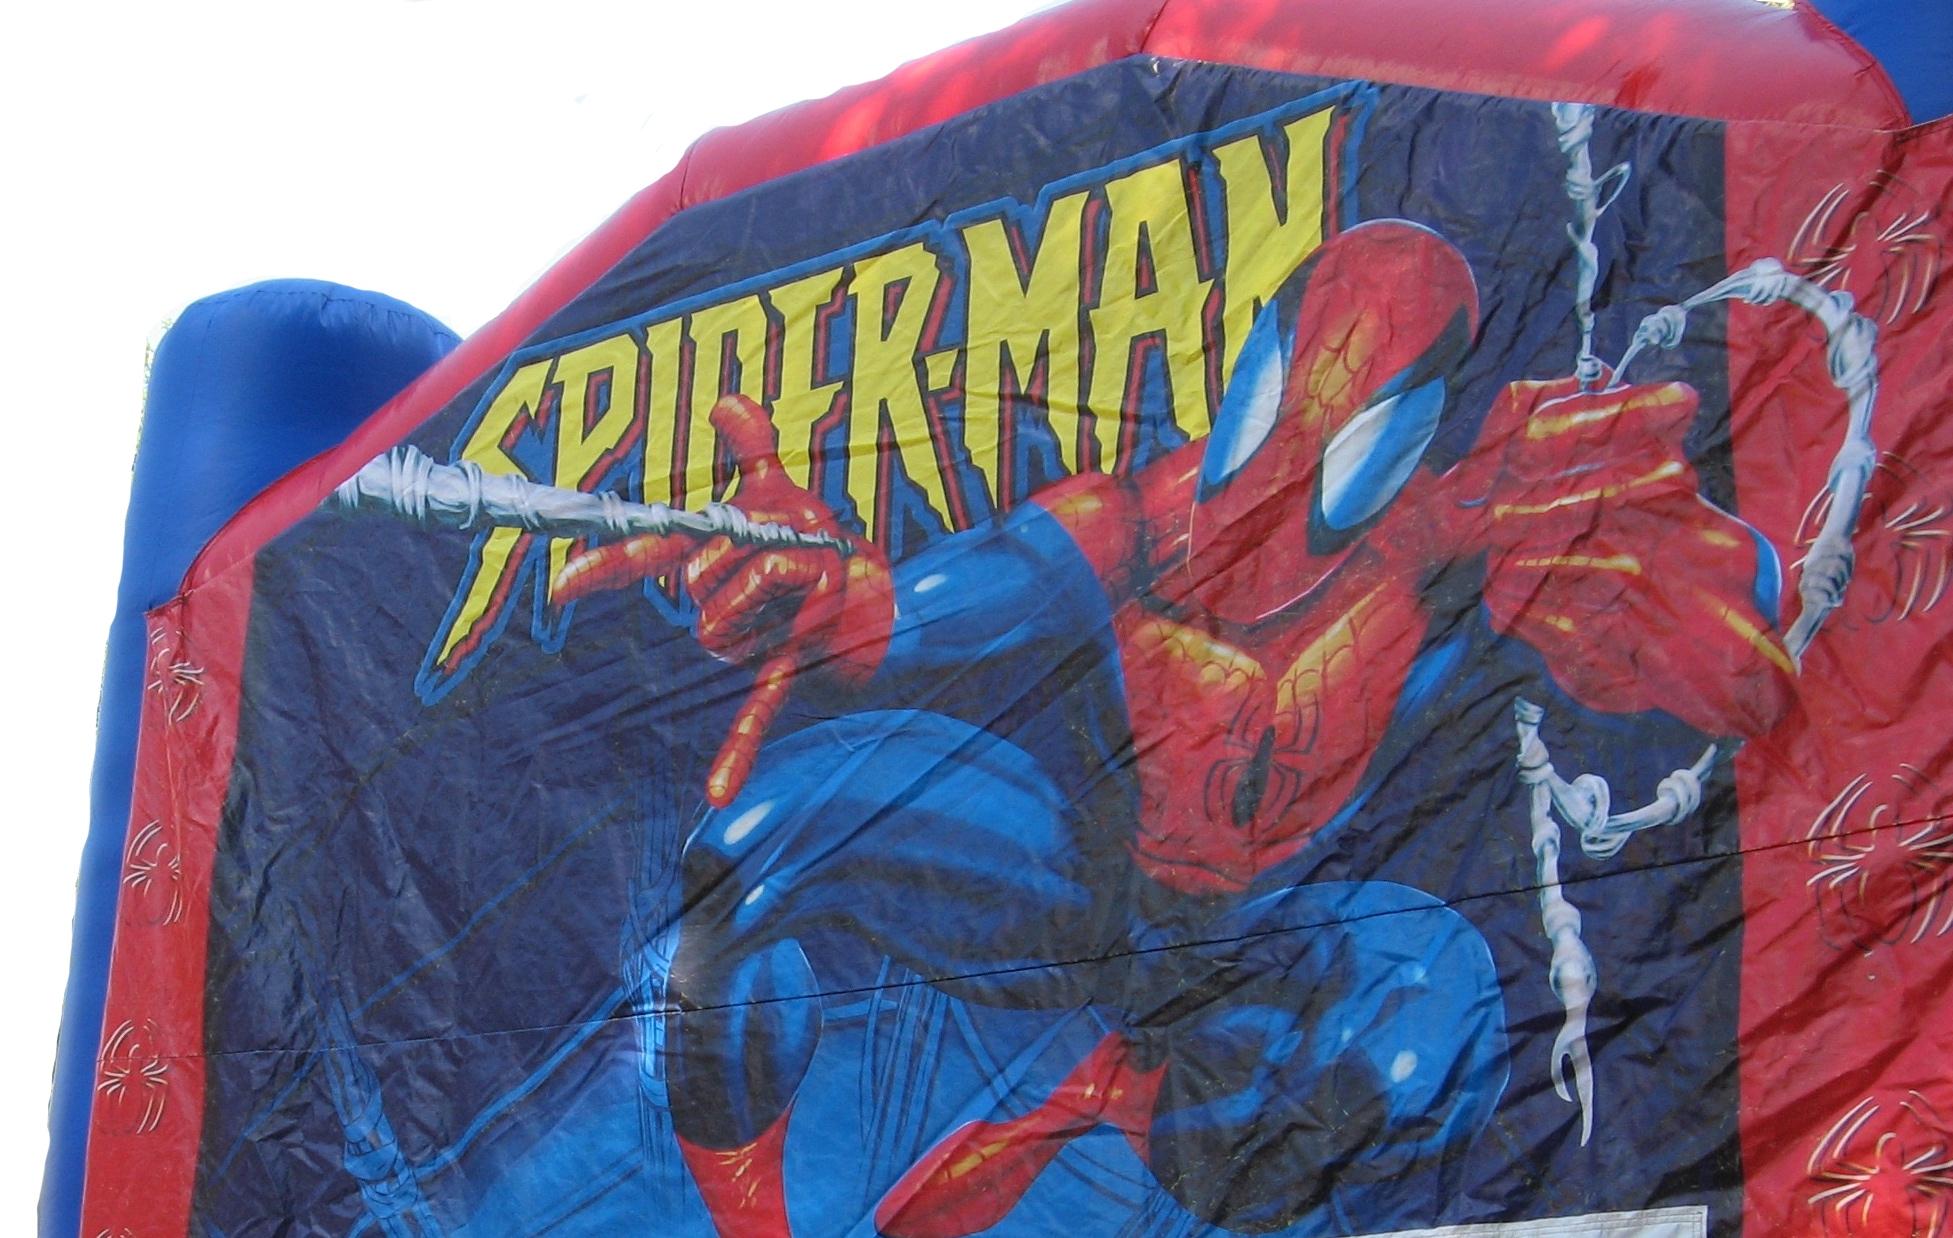 Spiderman Bouncer Banner.jpg